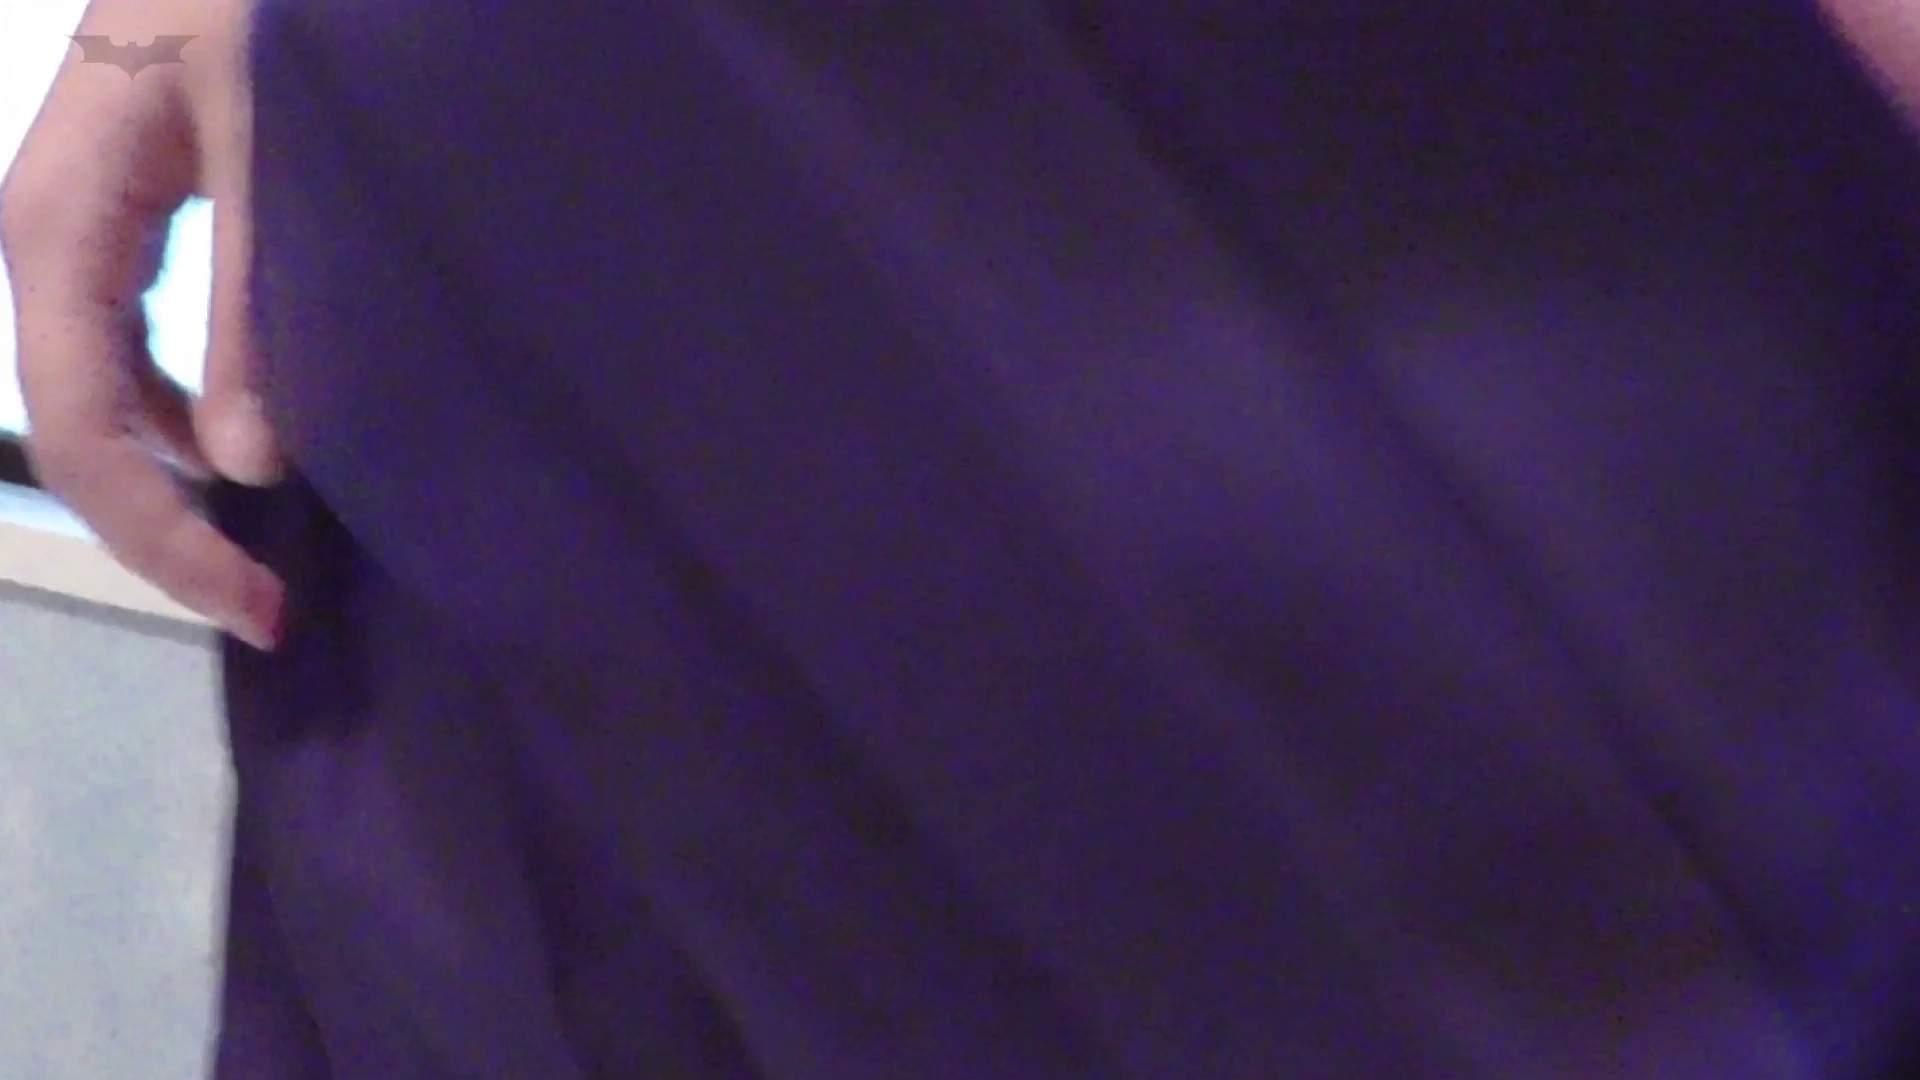 ▲2017_25位▲ パンツを売る女 Vol.12 制服に燃えて?ついつい中田氏 高画質動画 えろ無修正画像 53画像 7